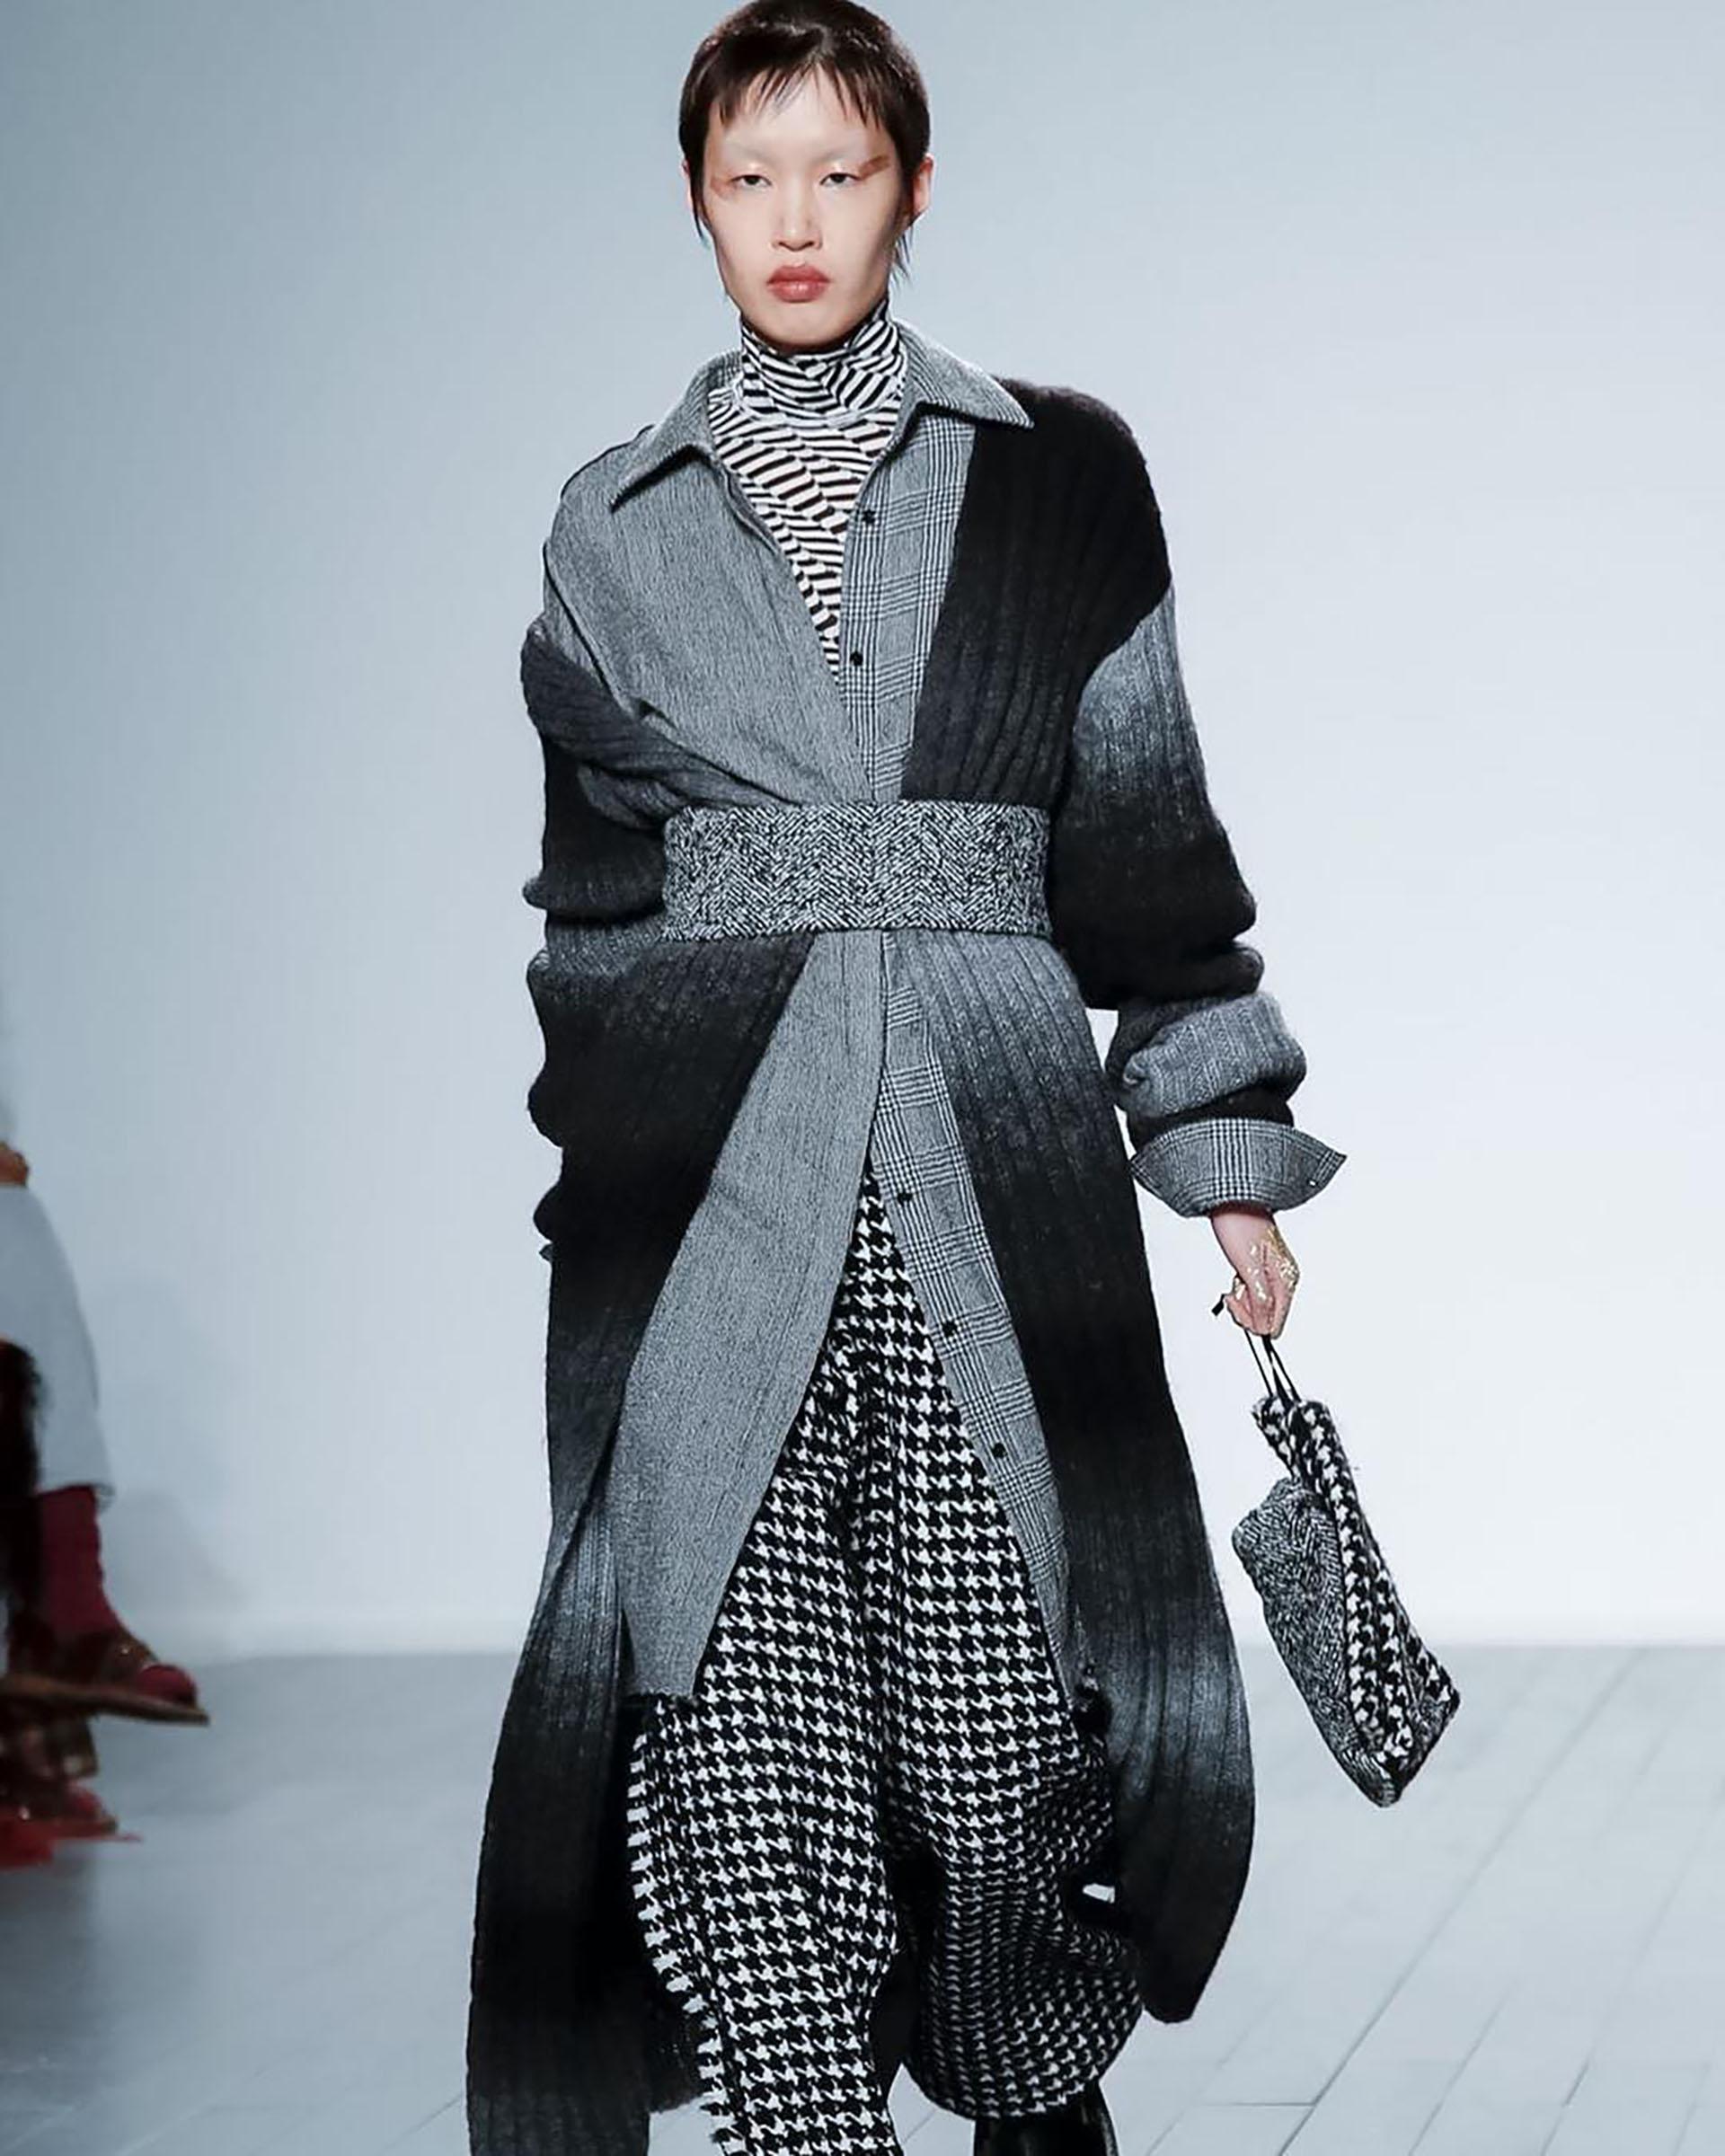 Chaquetas de gran tamaño, abrigos de lana y vestidos con manga de globo (Instagram: @nevsmodels)